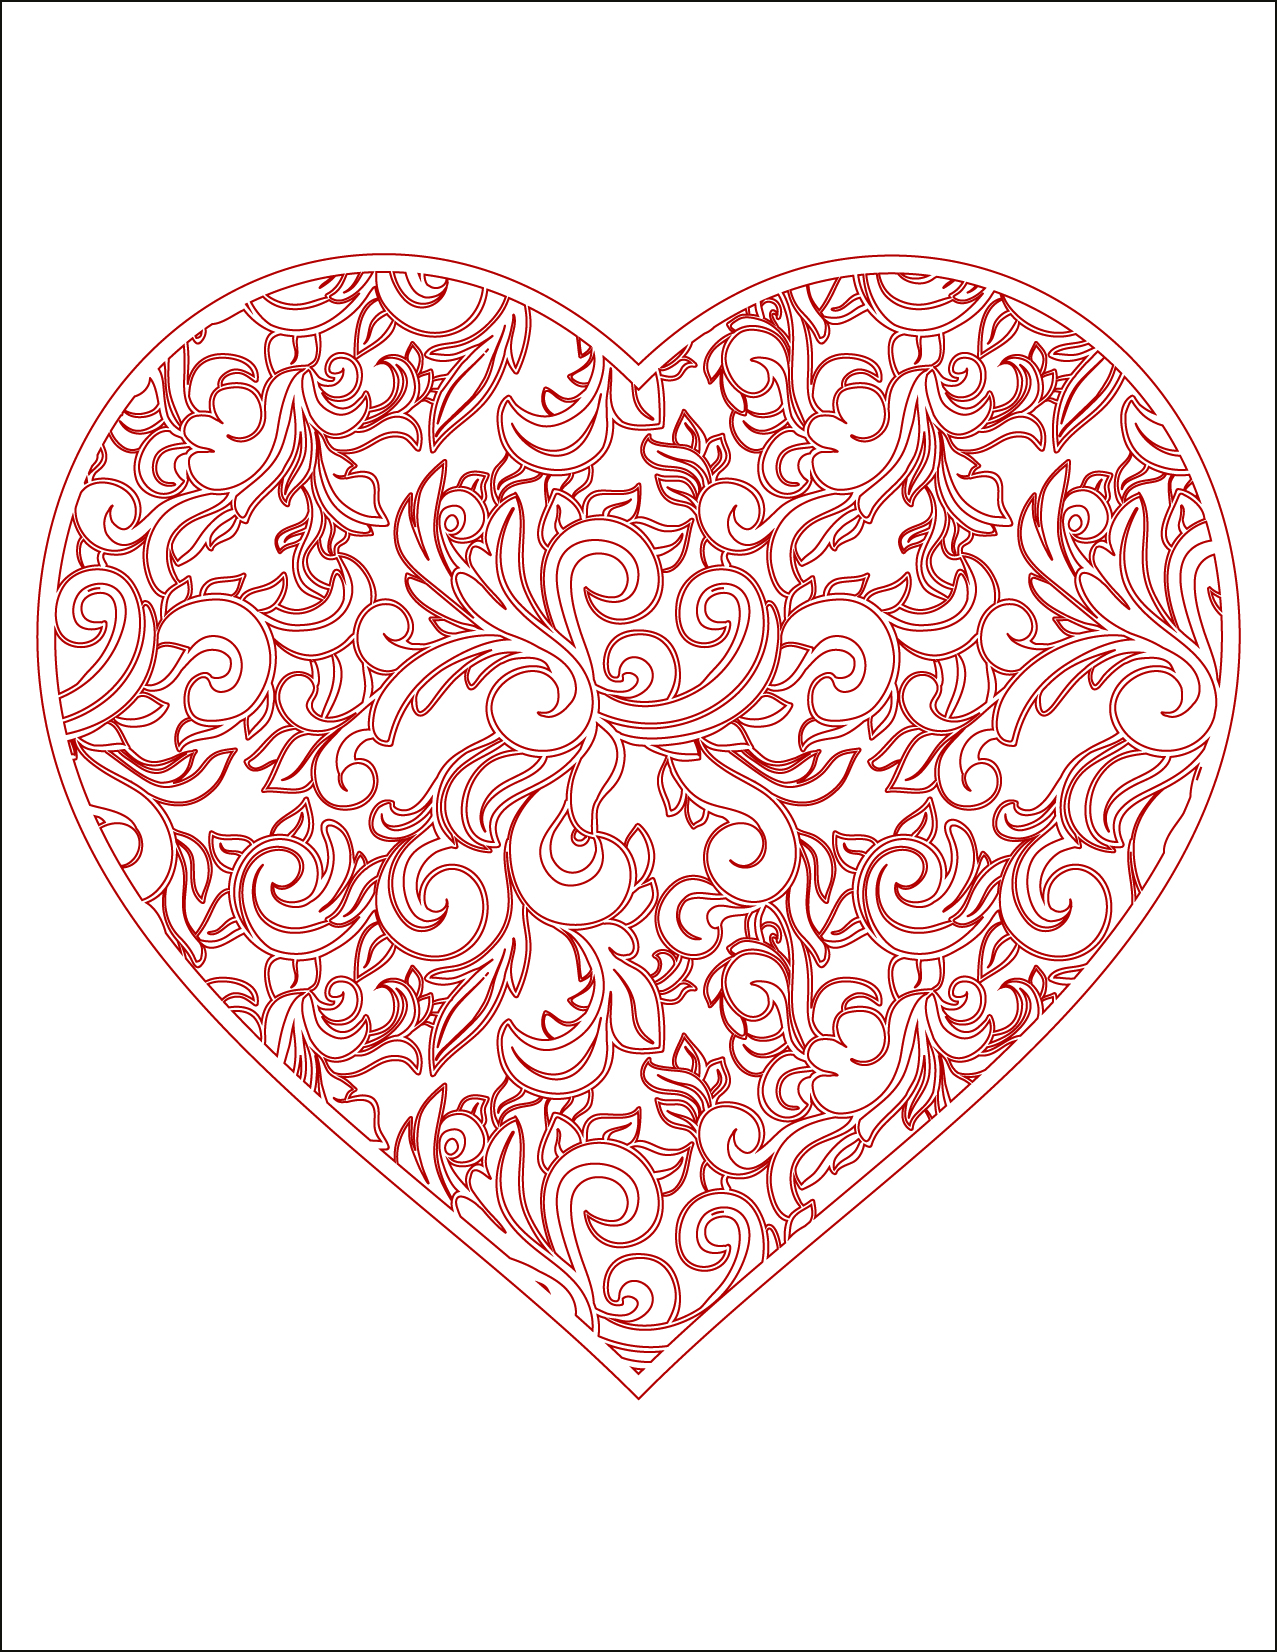 Coloriage gratuit, coeur doodle rouge